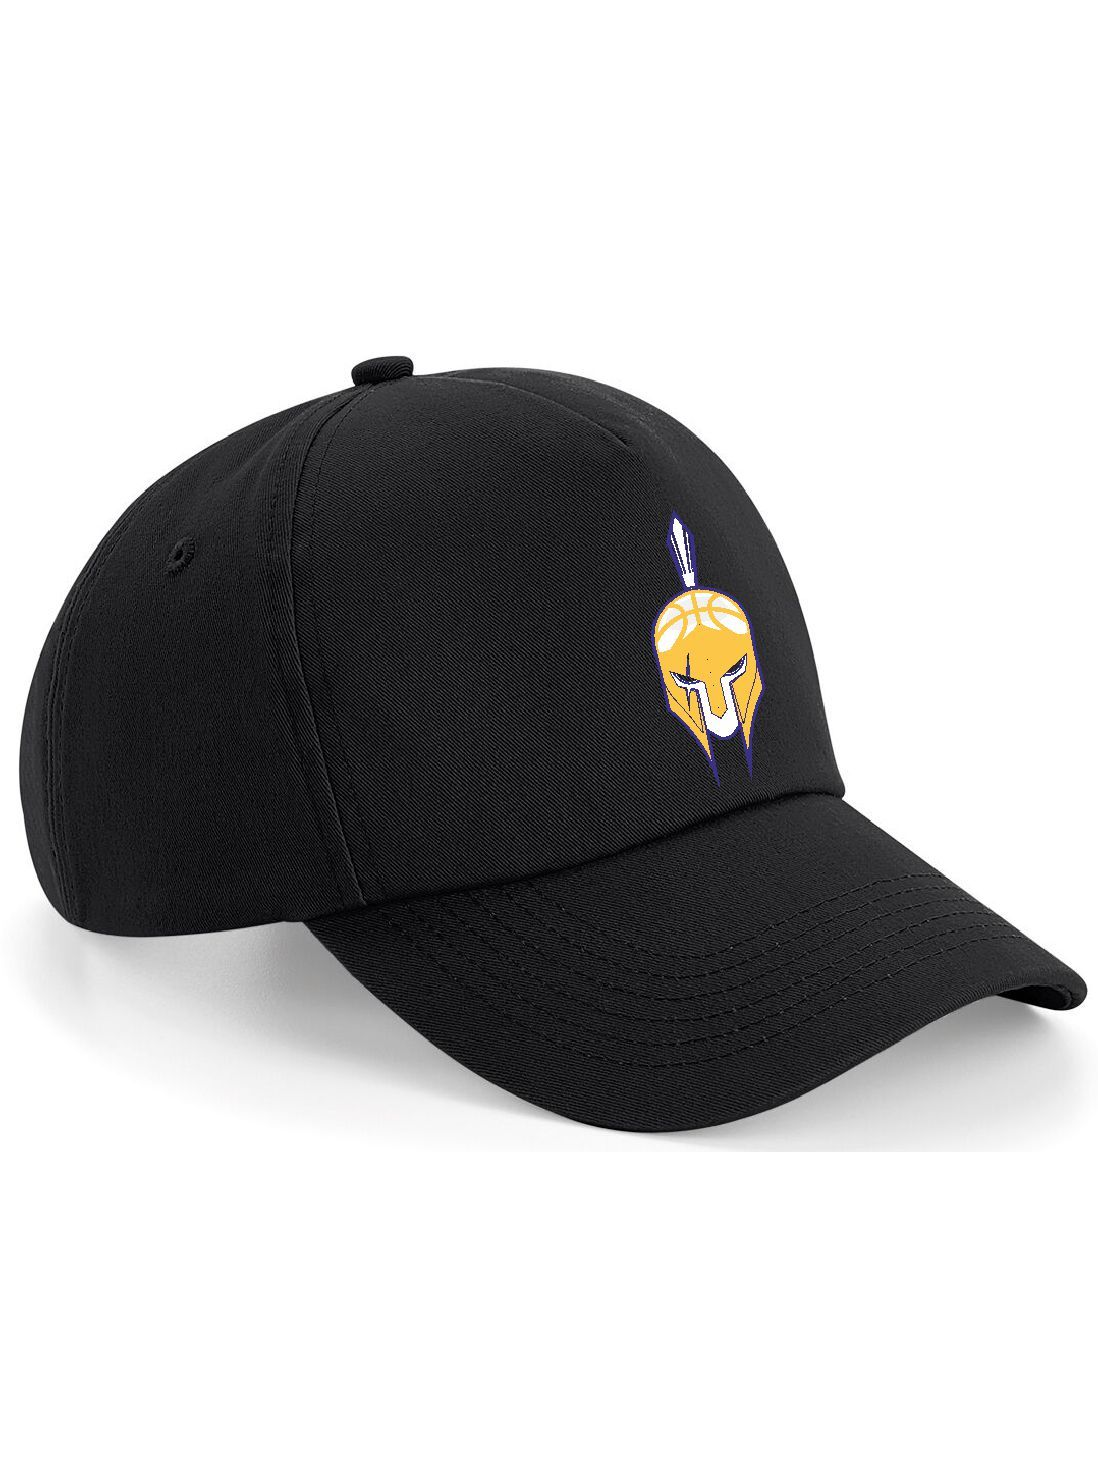 Warriors - Cap (Black)